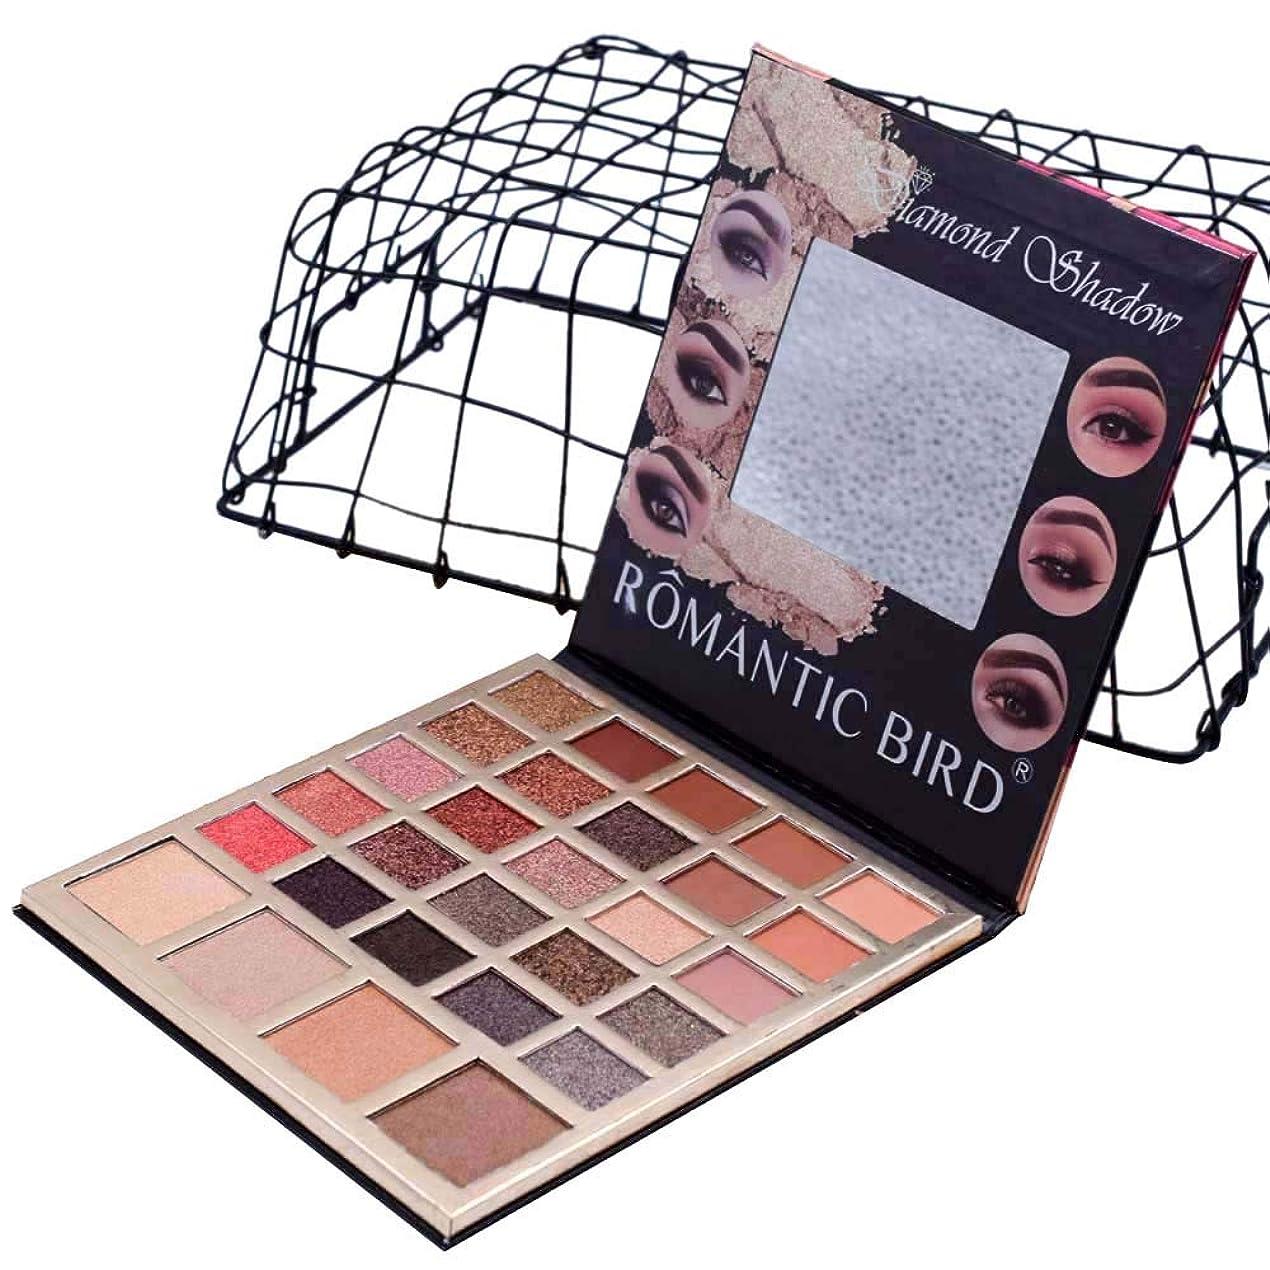 直径インフラ採用するAkane アイシャドウパレット ファッション ROMATIC BIRD 人気 魅力的 綺麗 キラキラ 防水 長持ち マット おしゃれ チャーム 落としにくい 持ち便利 Eye Shadow (29色) 8007